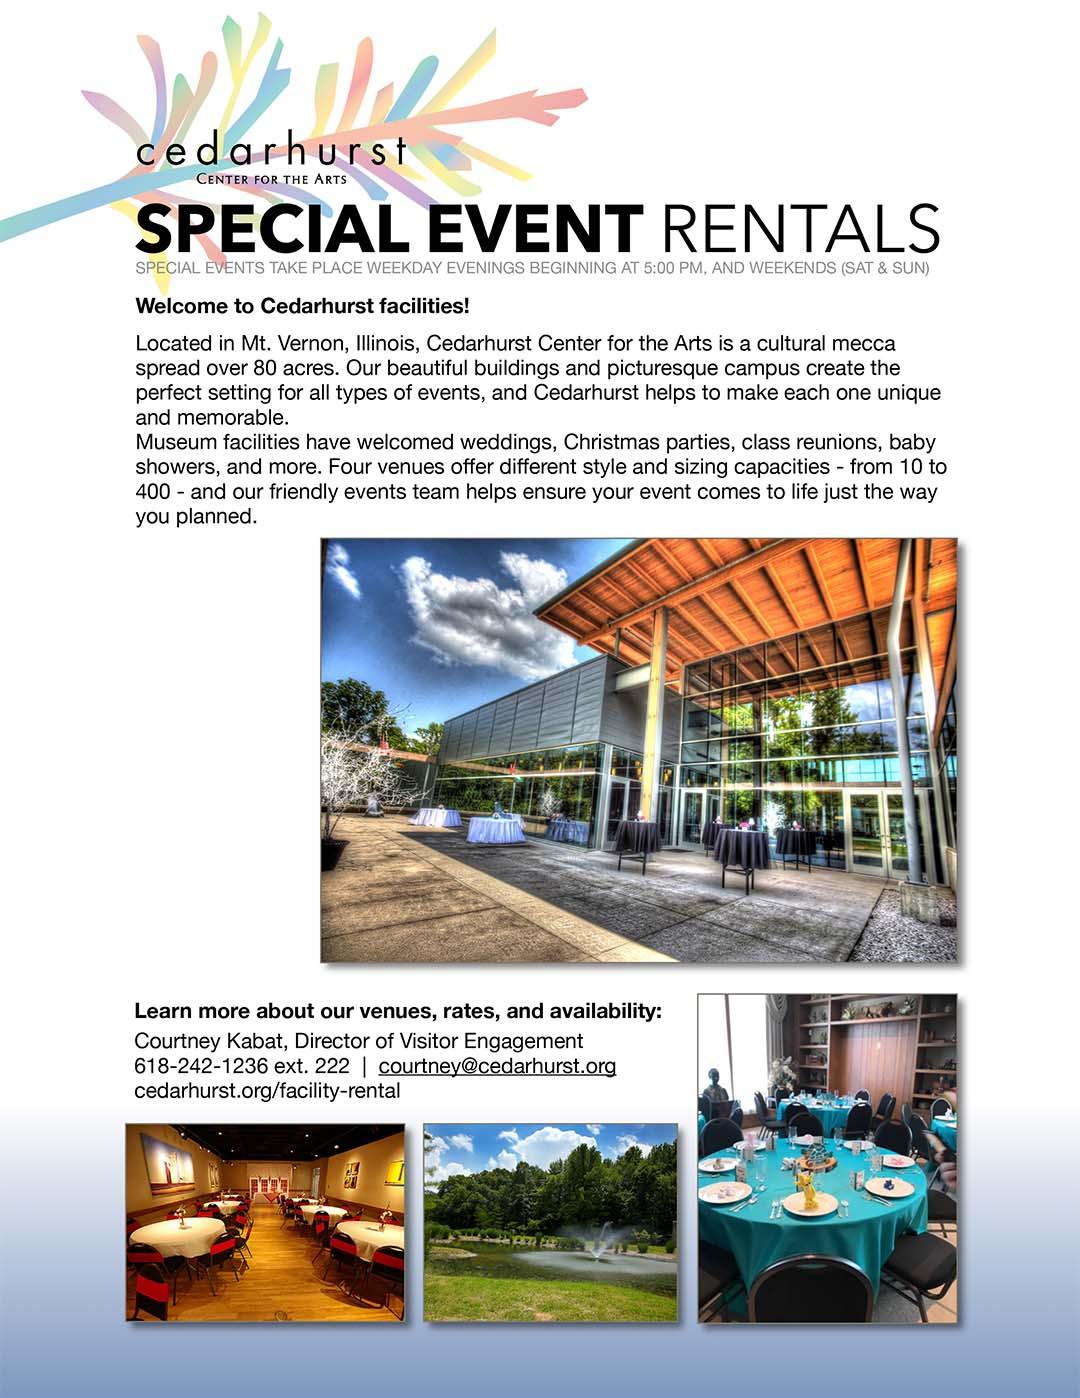 Special Event Rentals at Cedarhurst